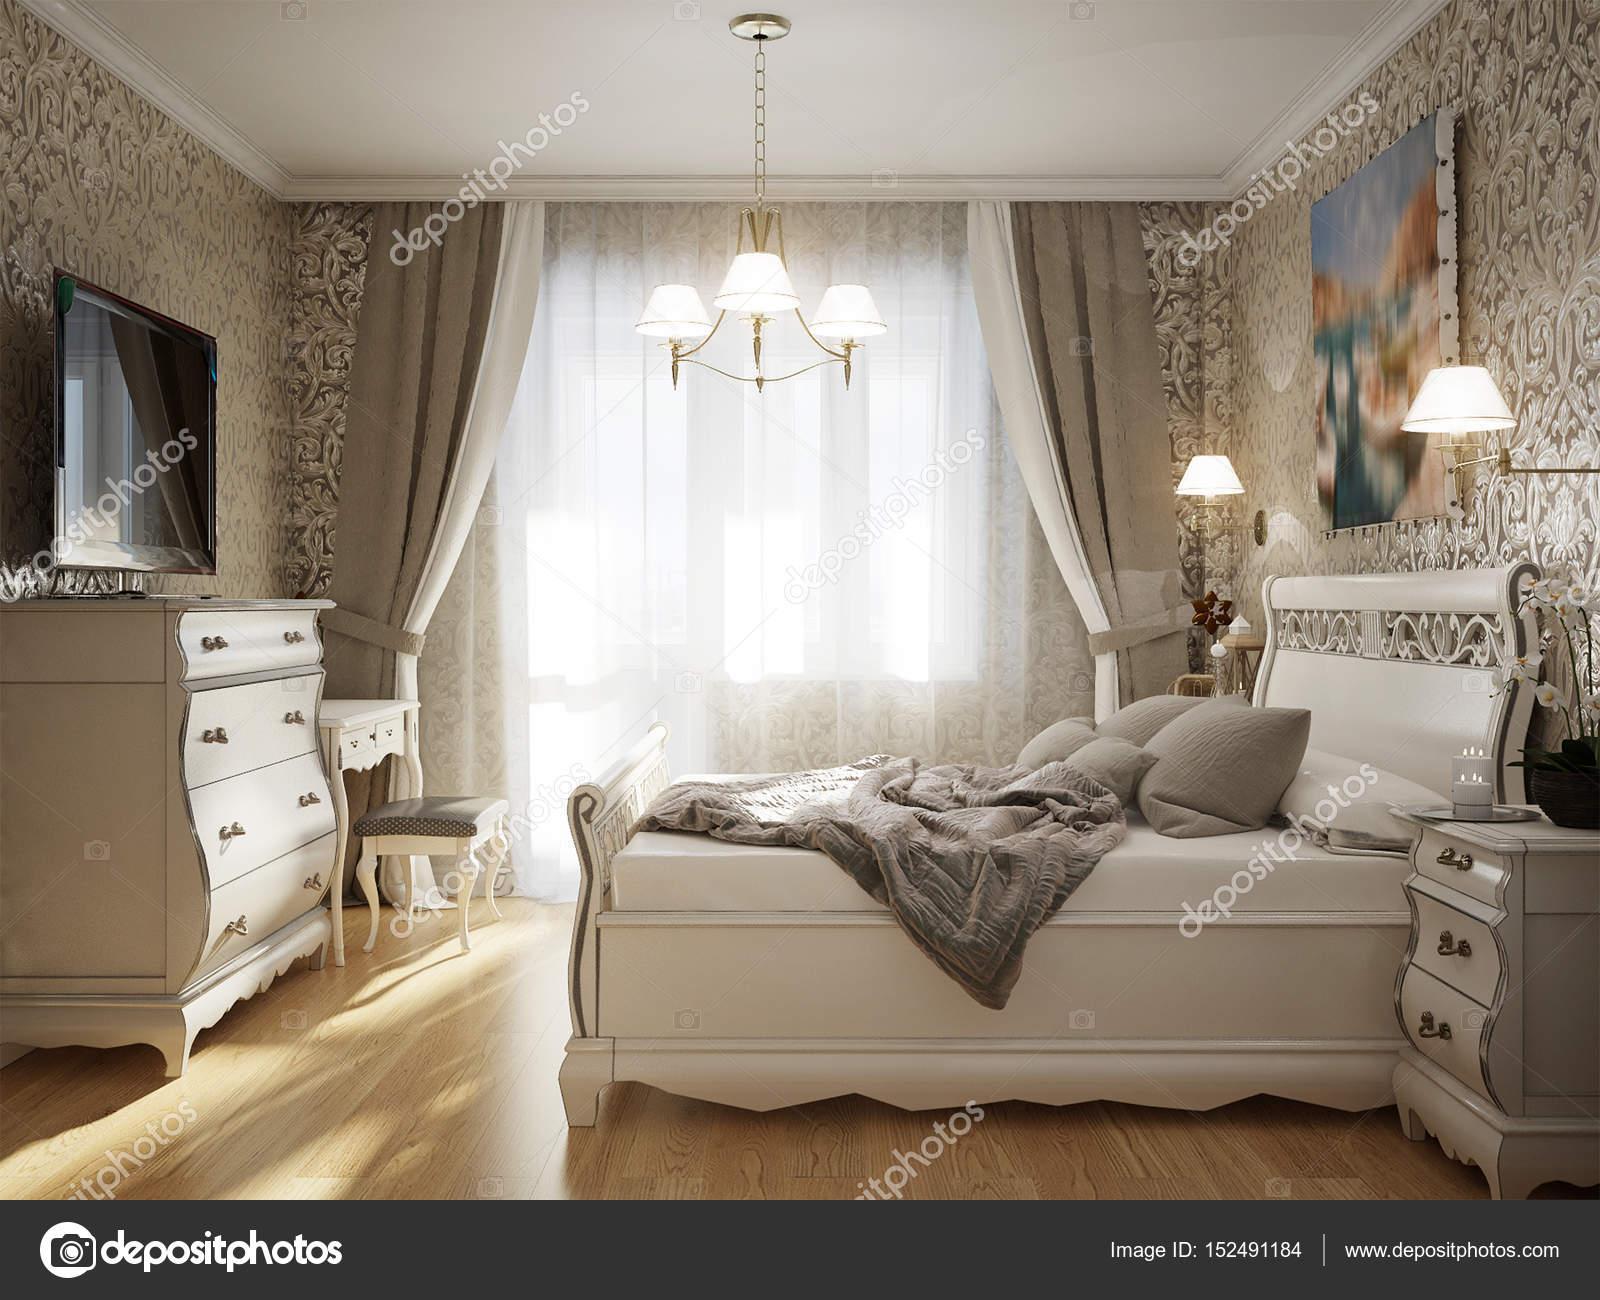 Camere Da Letto Tradizionali : Camera da letto classica tradizionale interior design u foto stock